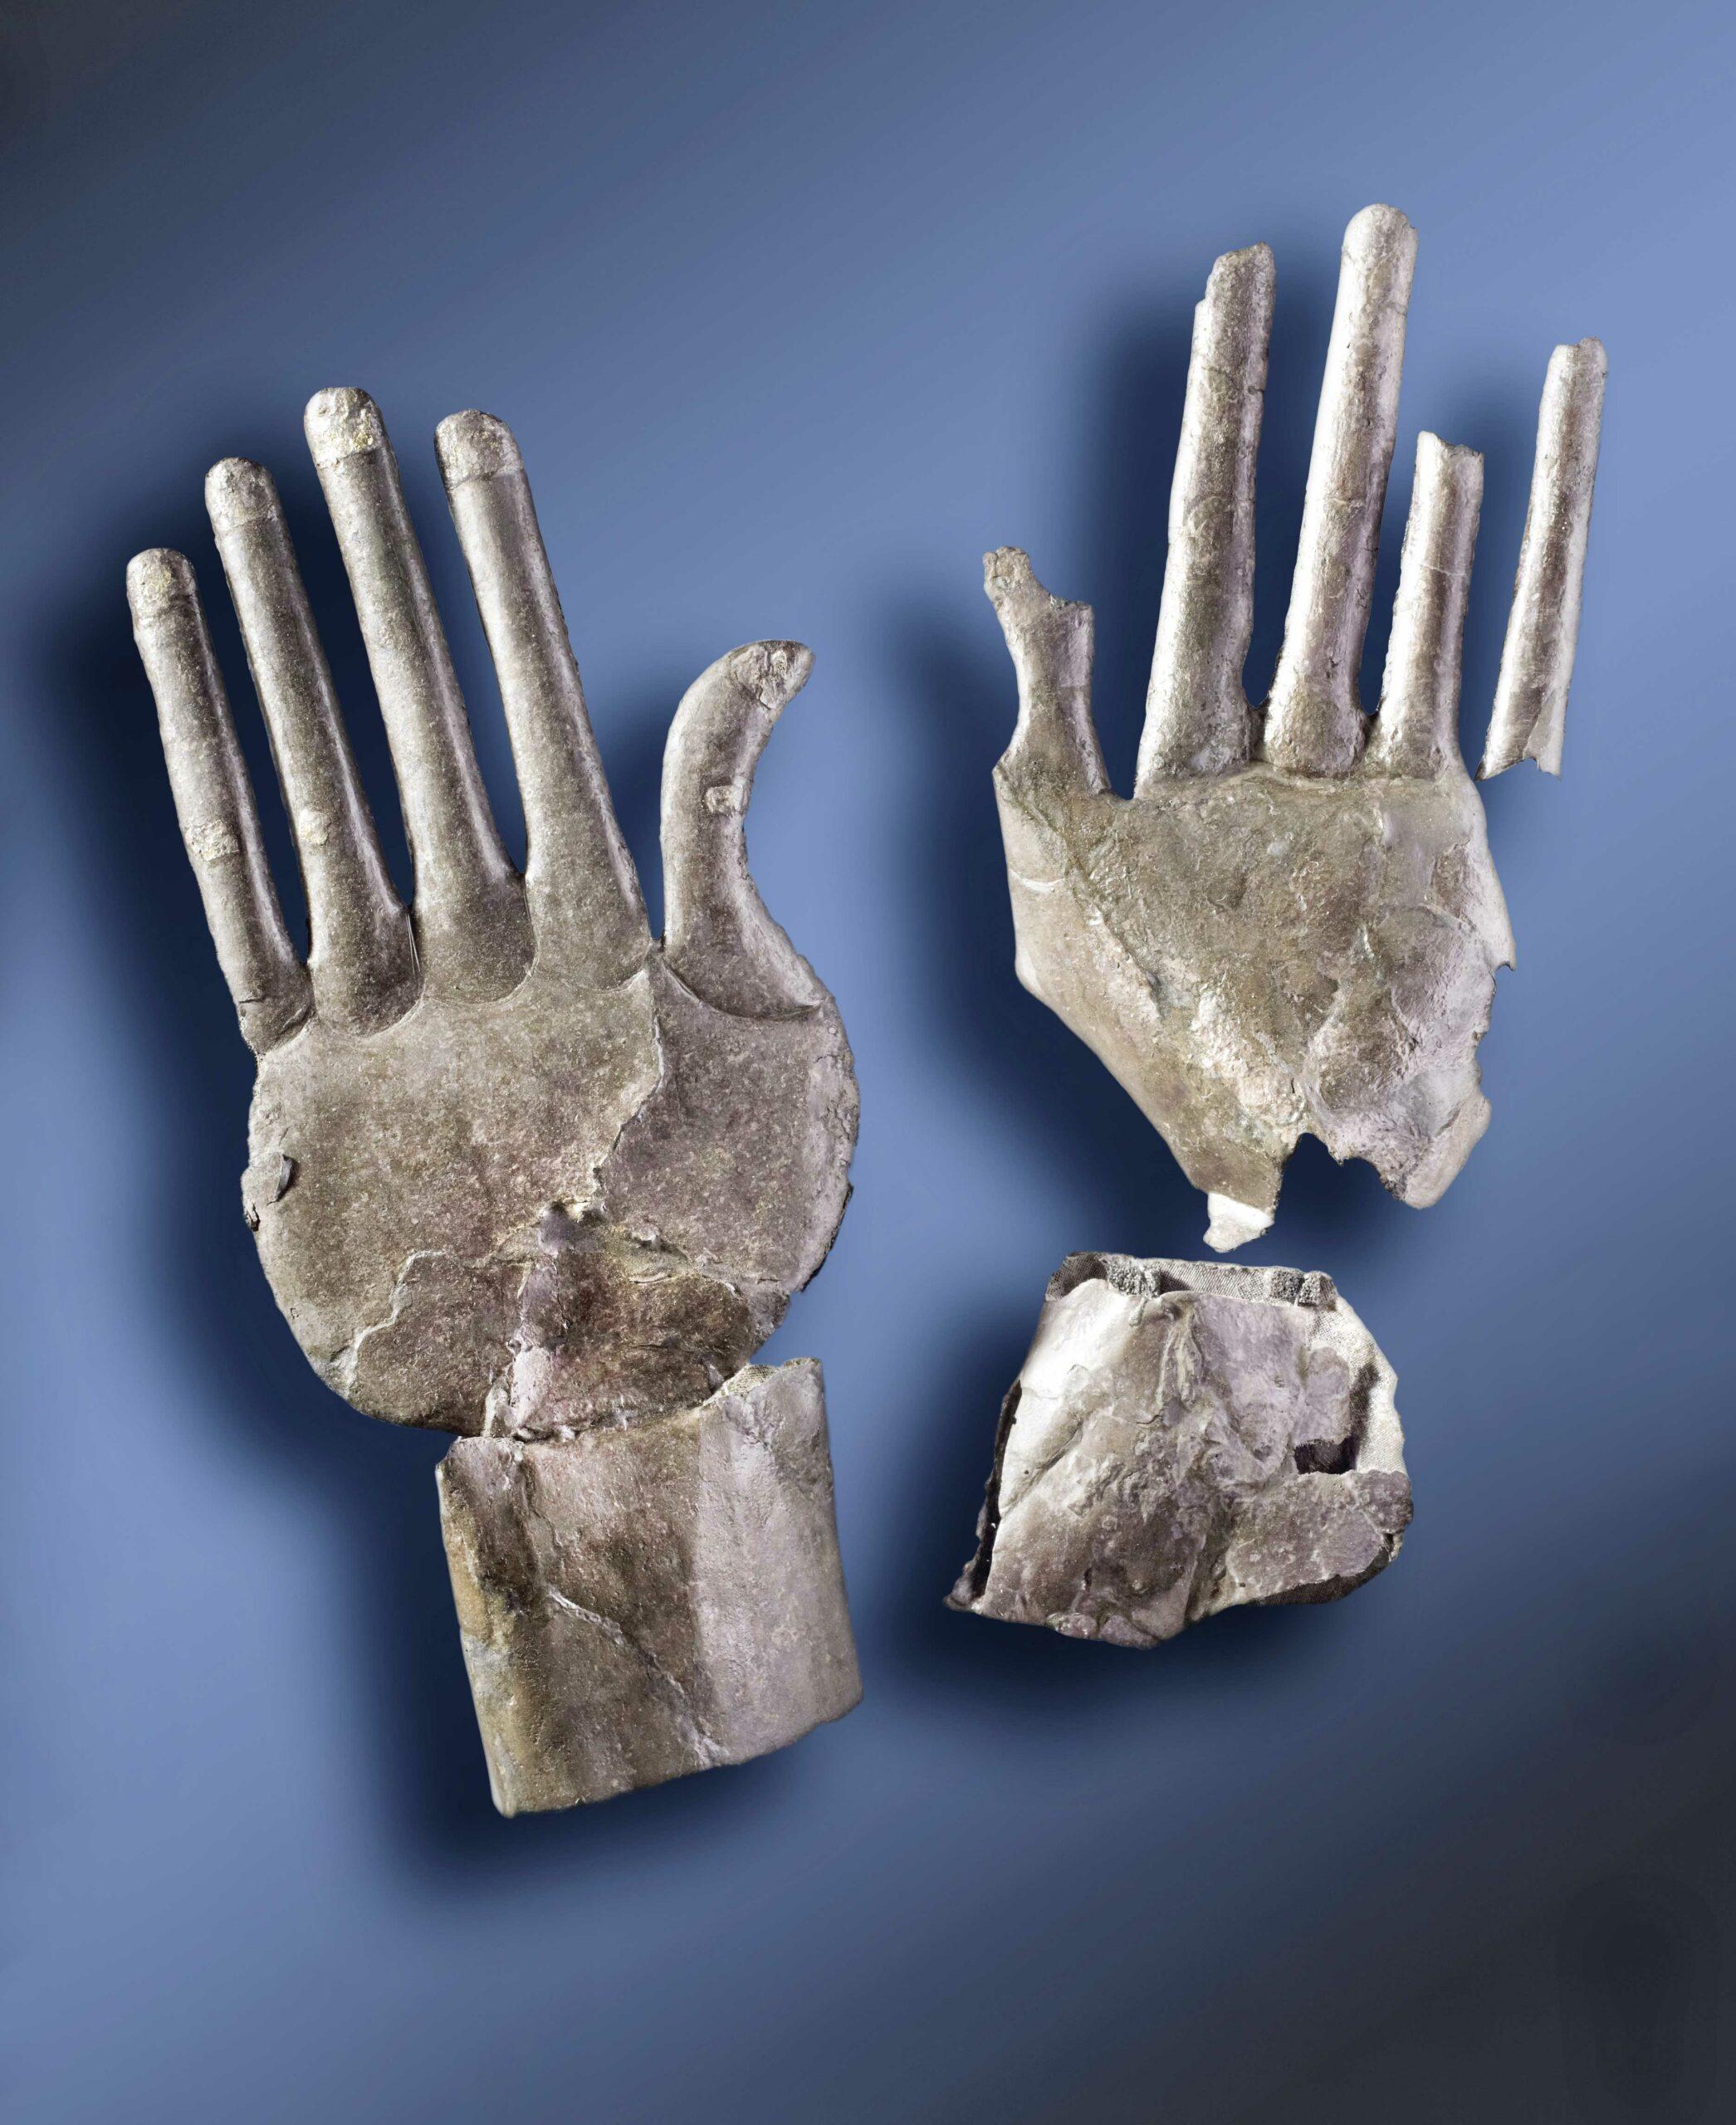 Löwen, Sphingen, Silberhände. Der unsterbliche Glanz etruskischer Familien aus Vulci